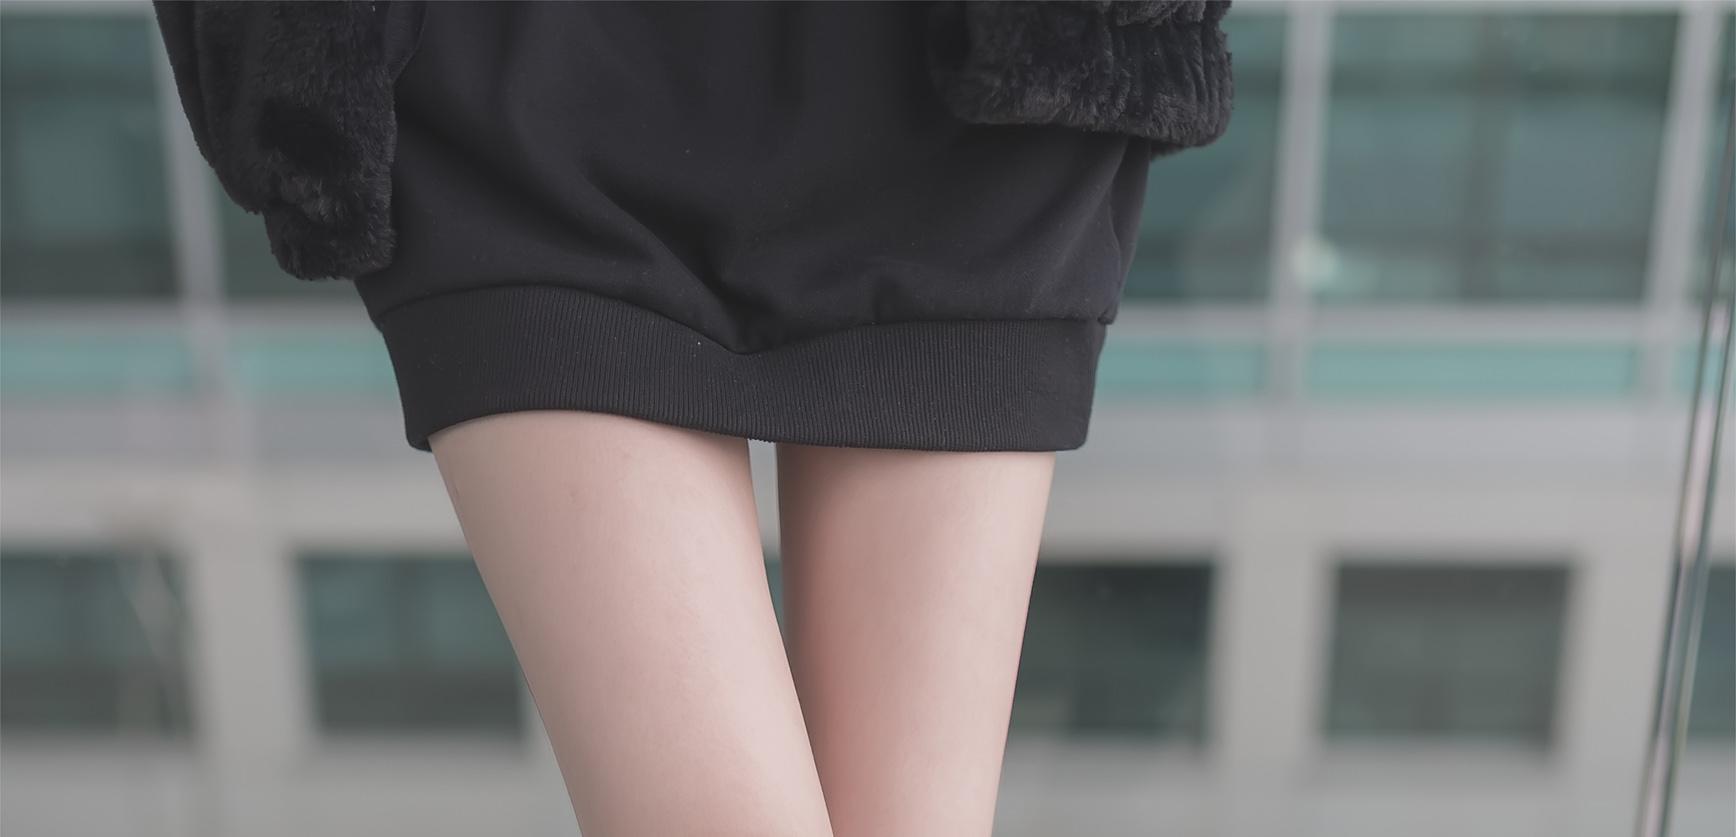 令人羡慕的小细腿 腿控领域